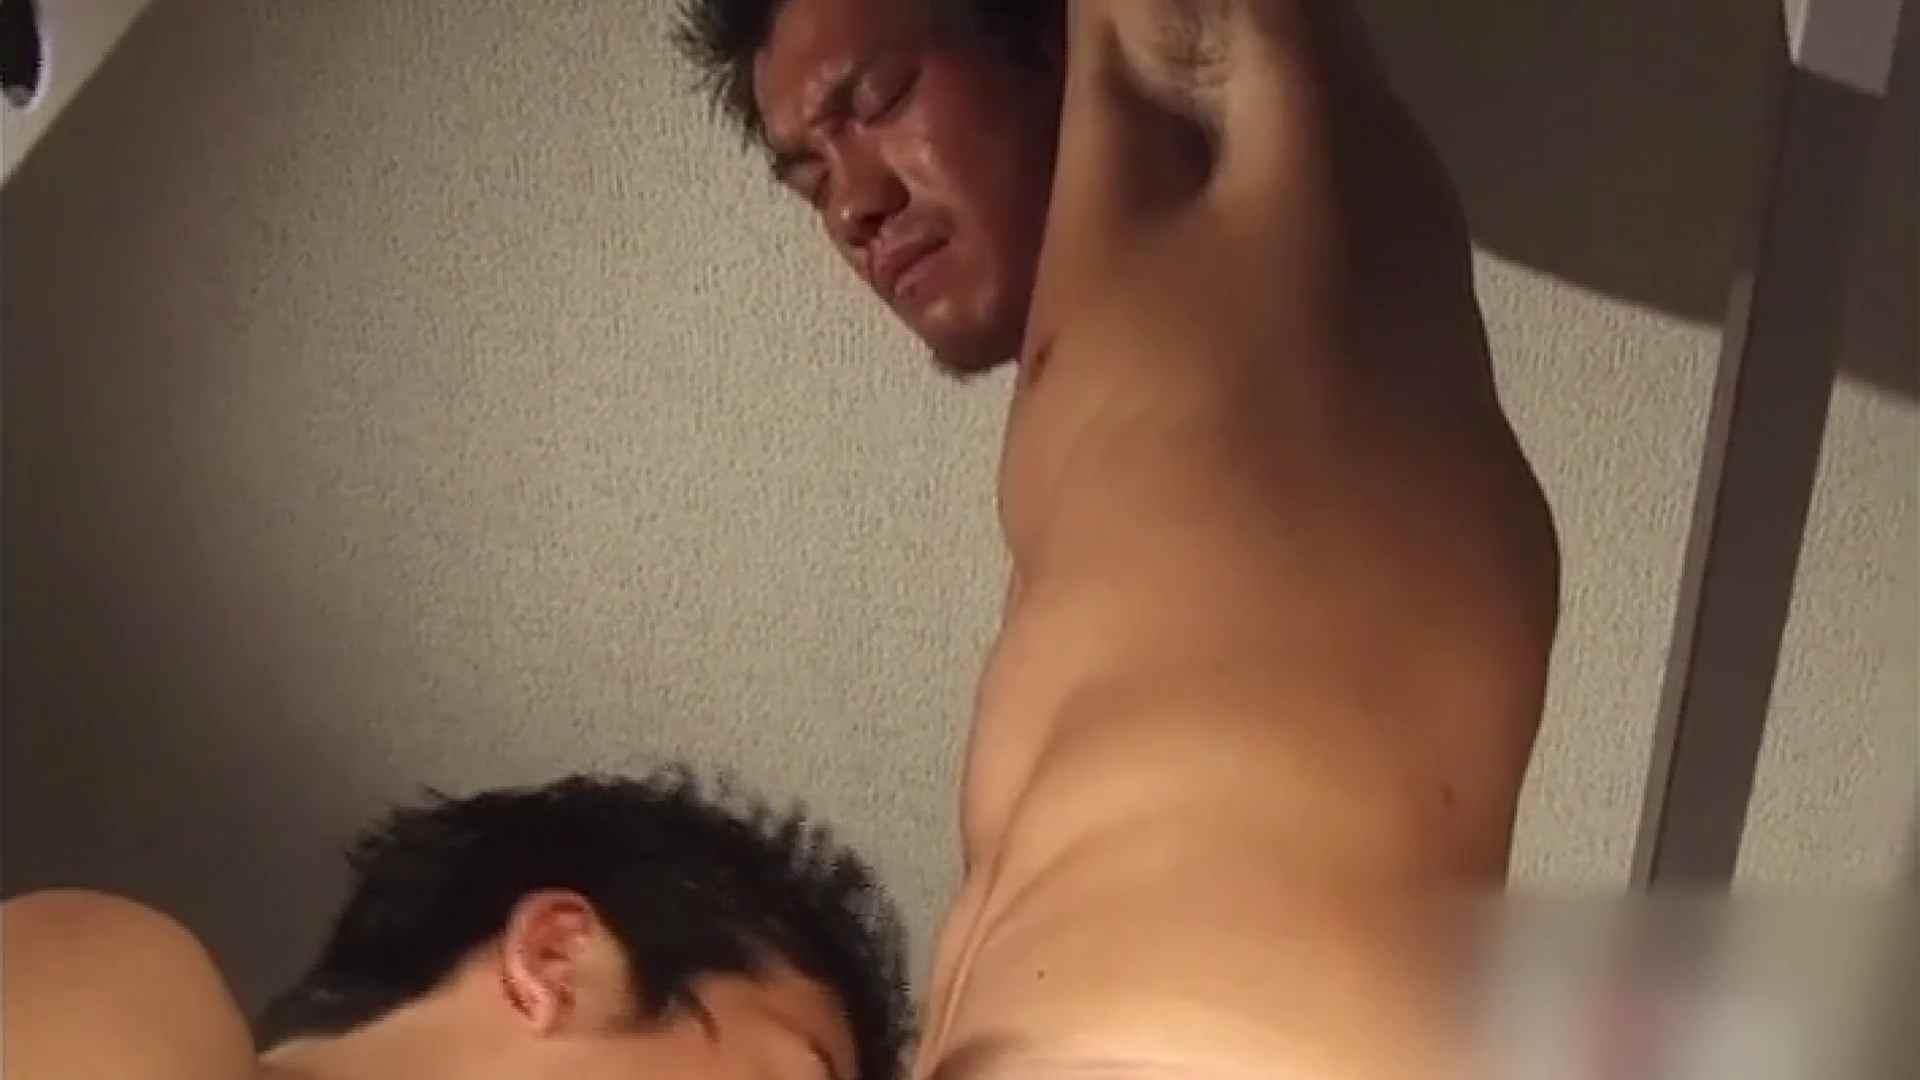 珍肉も筋肉の内!!vol.3 悶絶  78pic 50